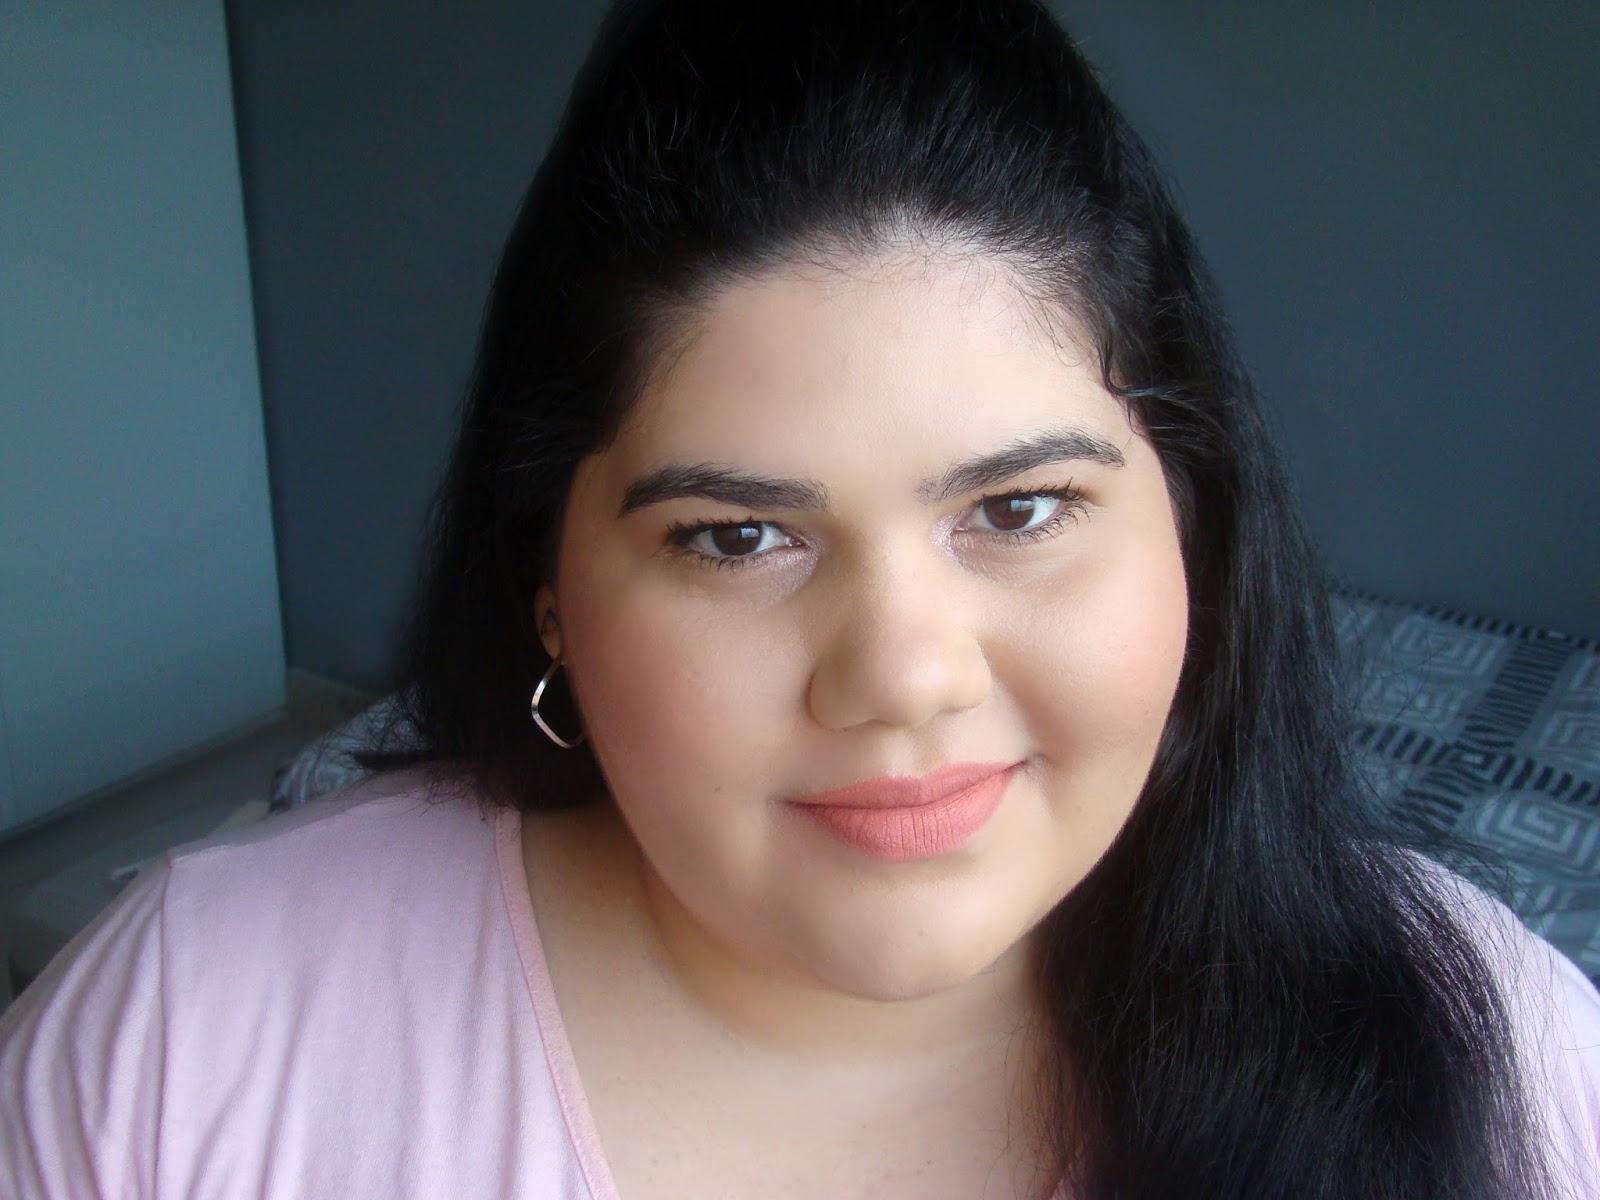 Batons Favorito líquido plié dailus pro maquiagem makeup beleza lipstick